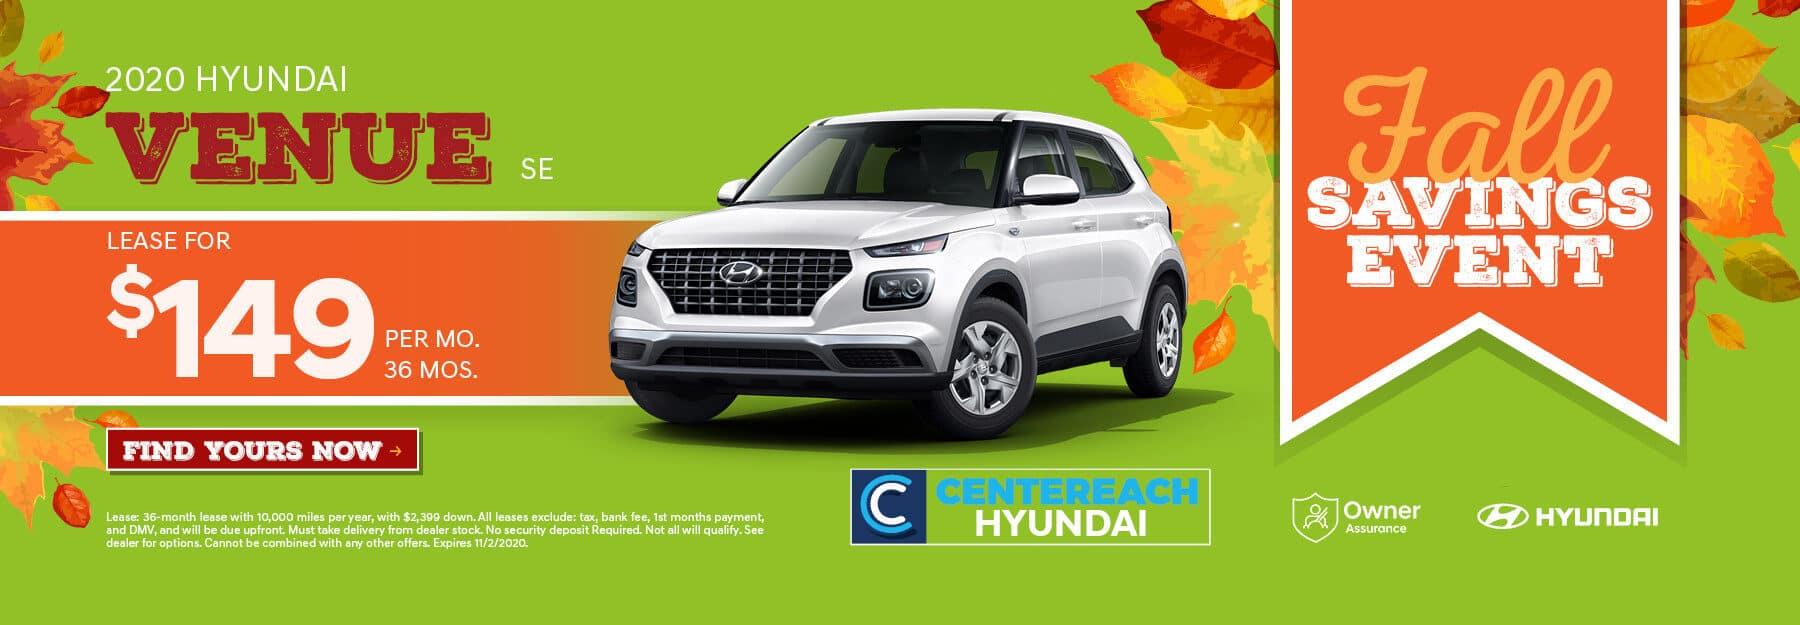 2020.10.08 Centereach Hyundai OCT Offer Banners_S49005mr-as2